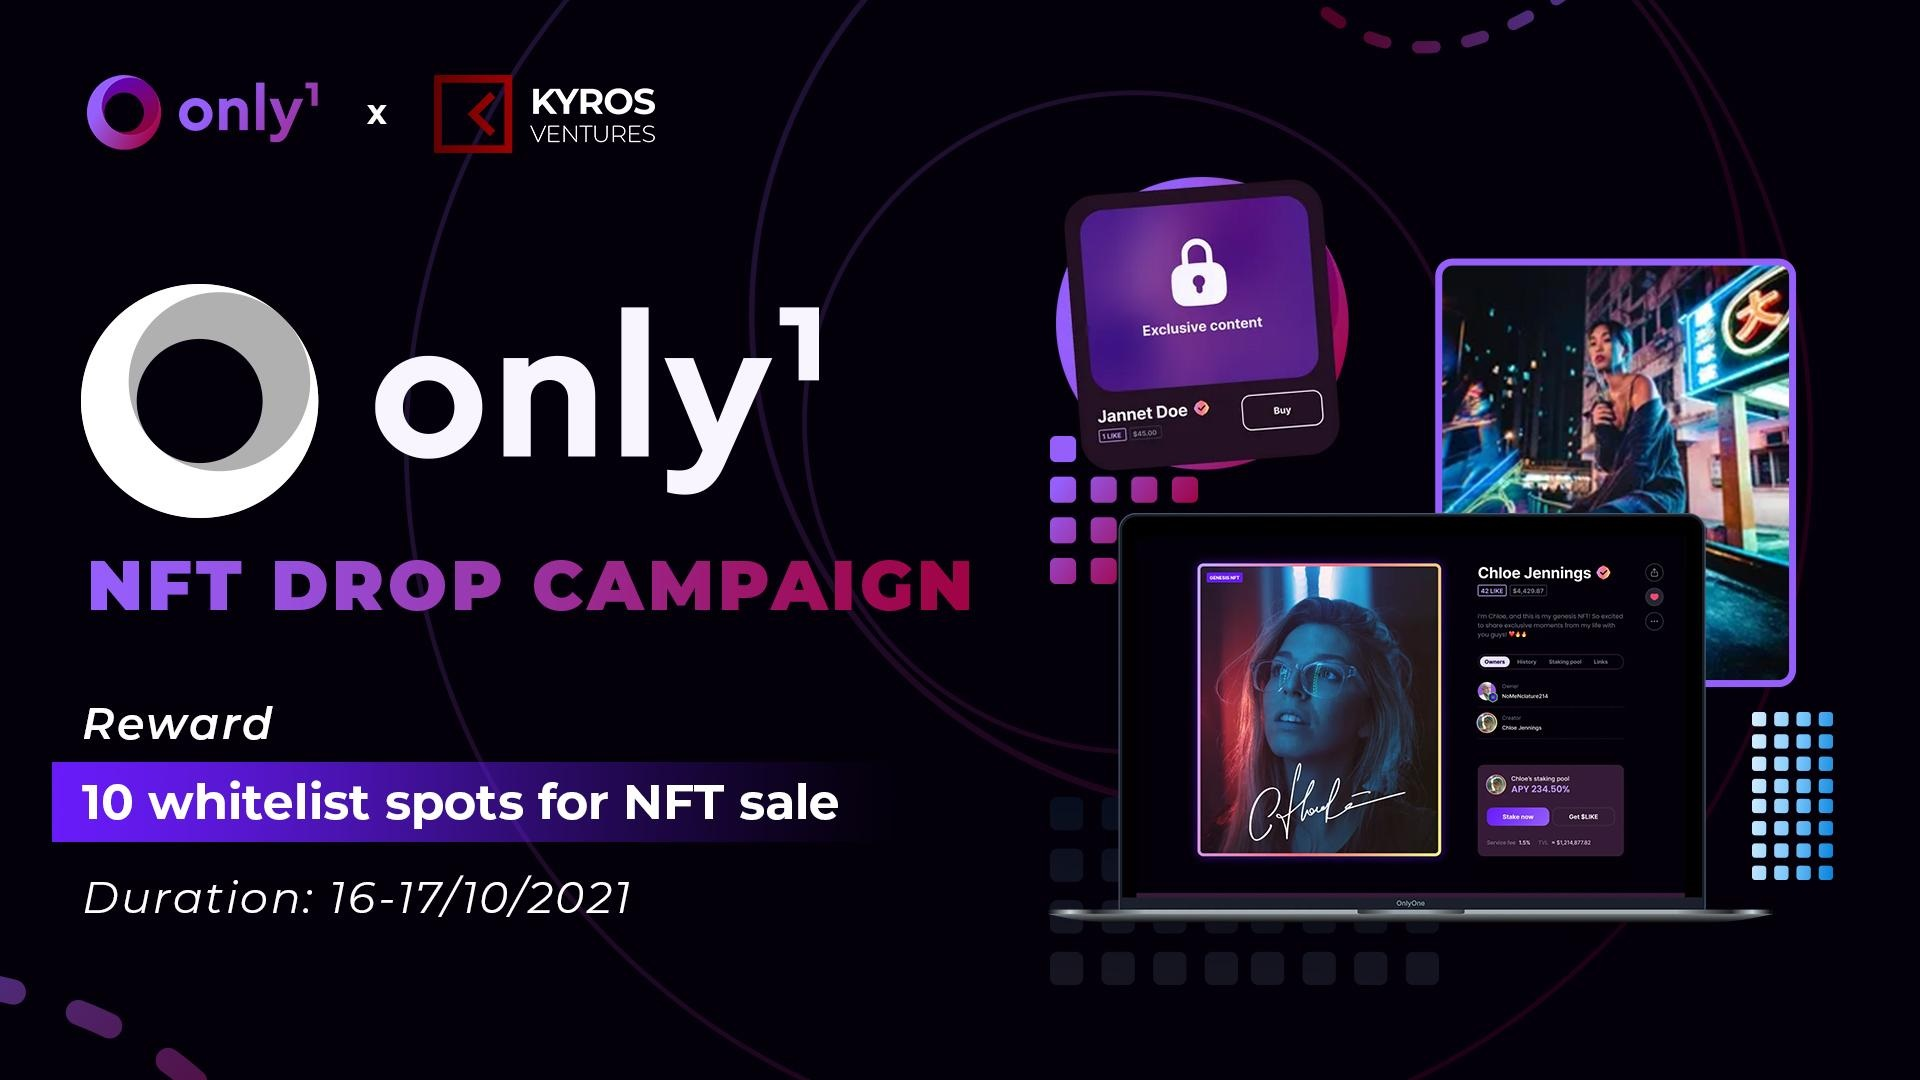 Sự kiện Only1 – NFT Drop Campaign với tổng giải thưởng 10 suất whitelist cho đợt NFT sale 18/10 – 20/10 trên Only1